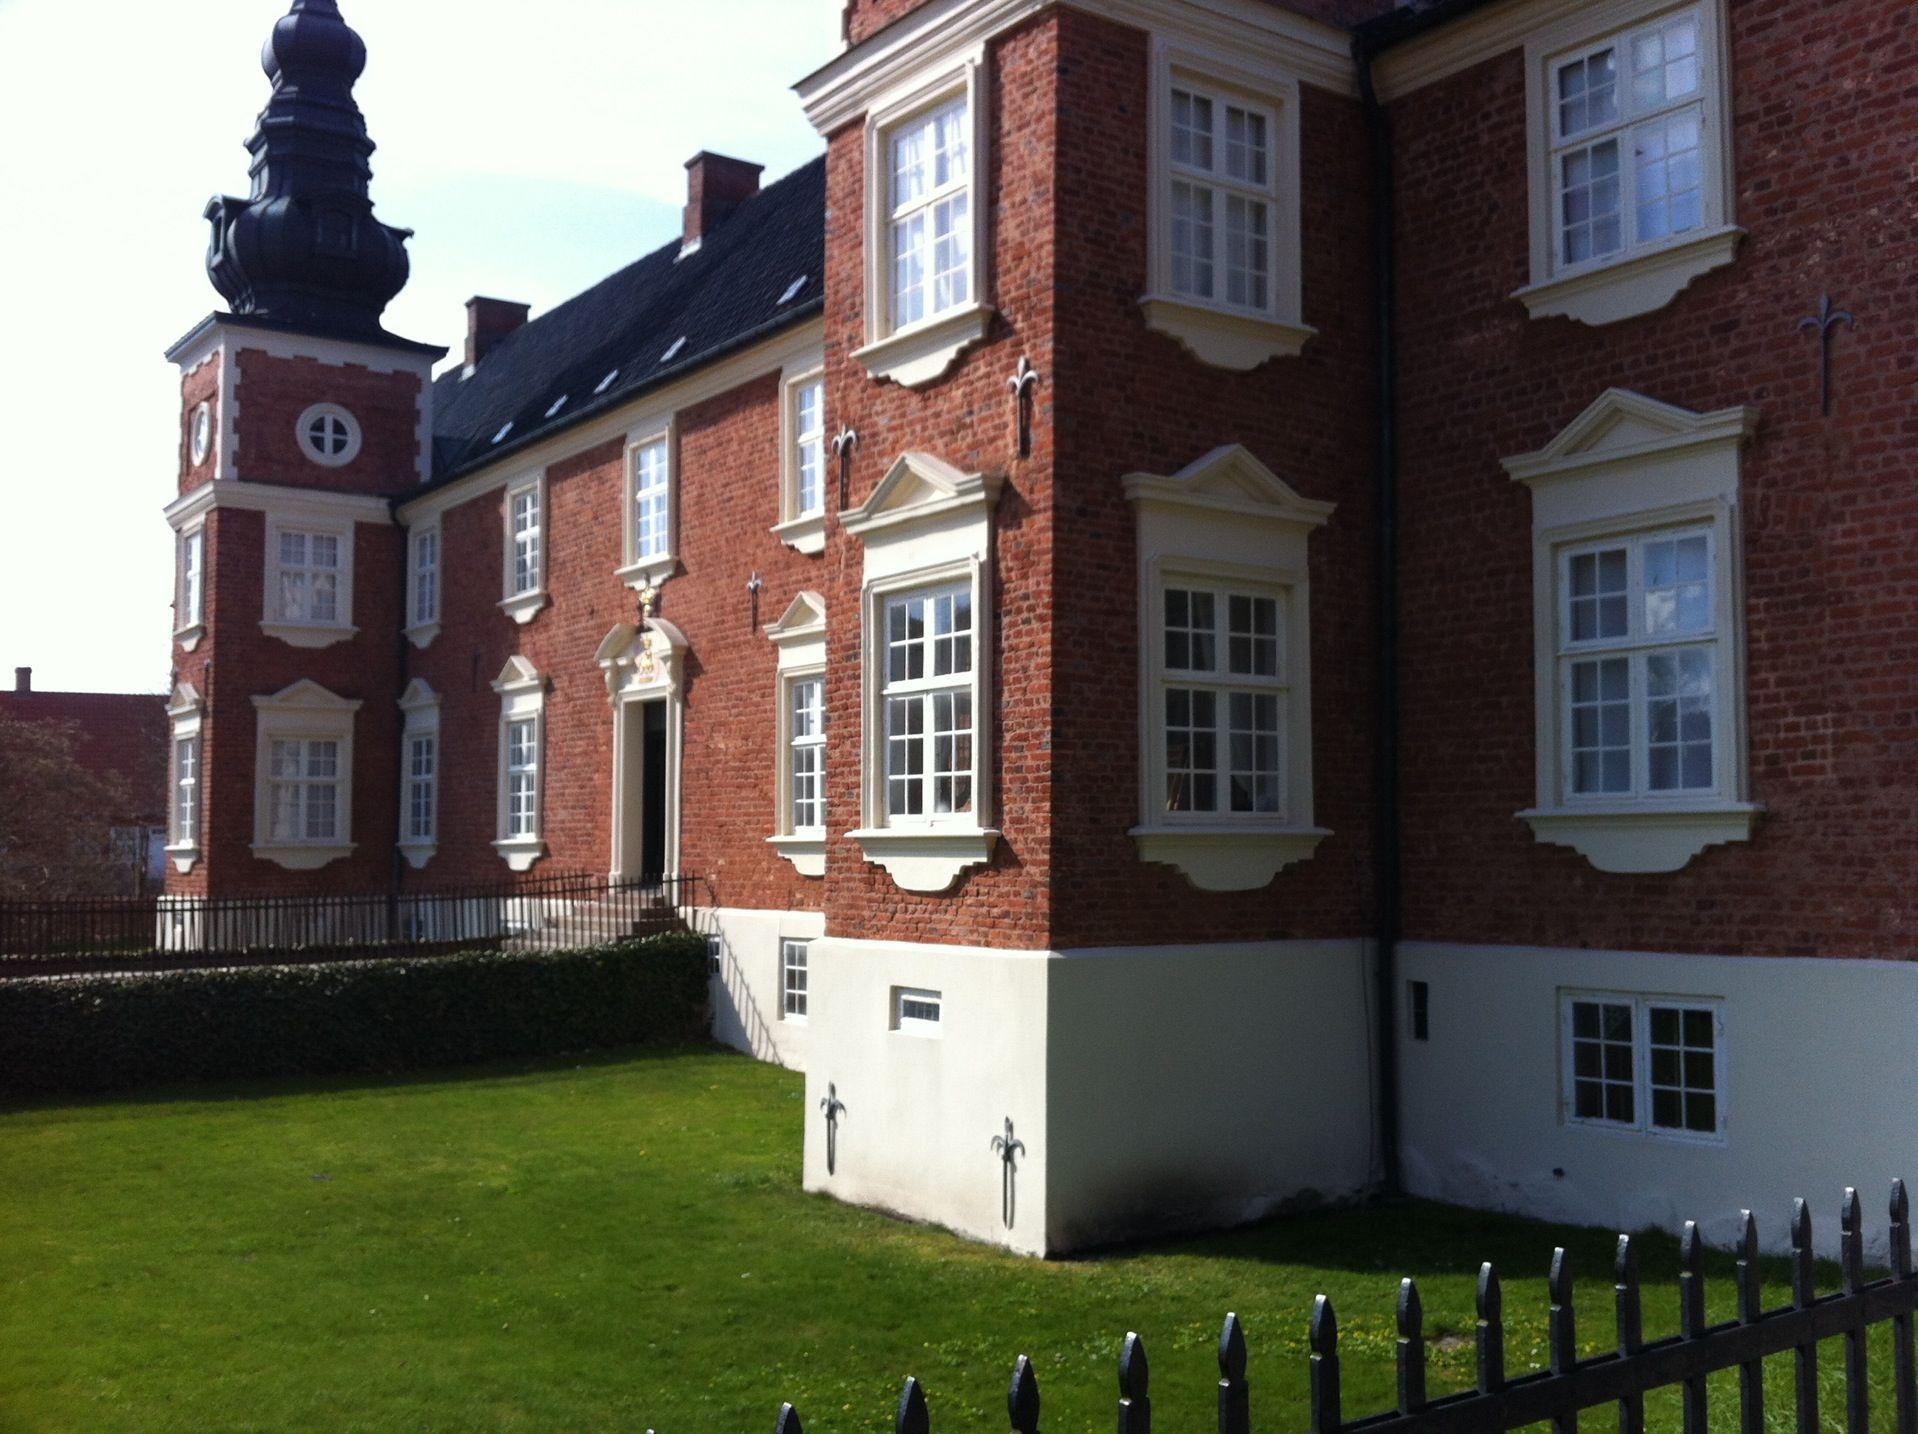 Free entrance with Copenhagen Card to Jægerspris Castle in Jægerspris, Region Hovedstaden